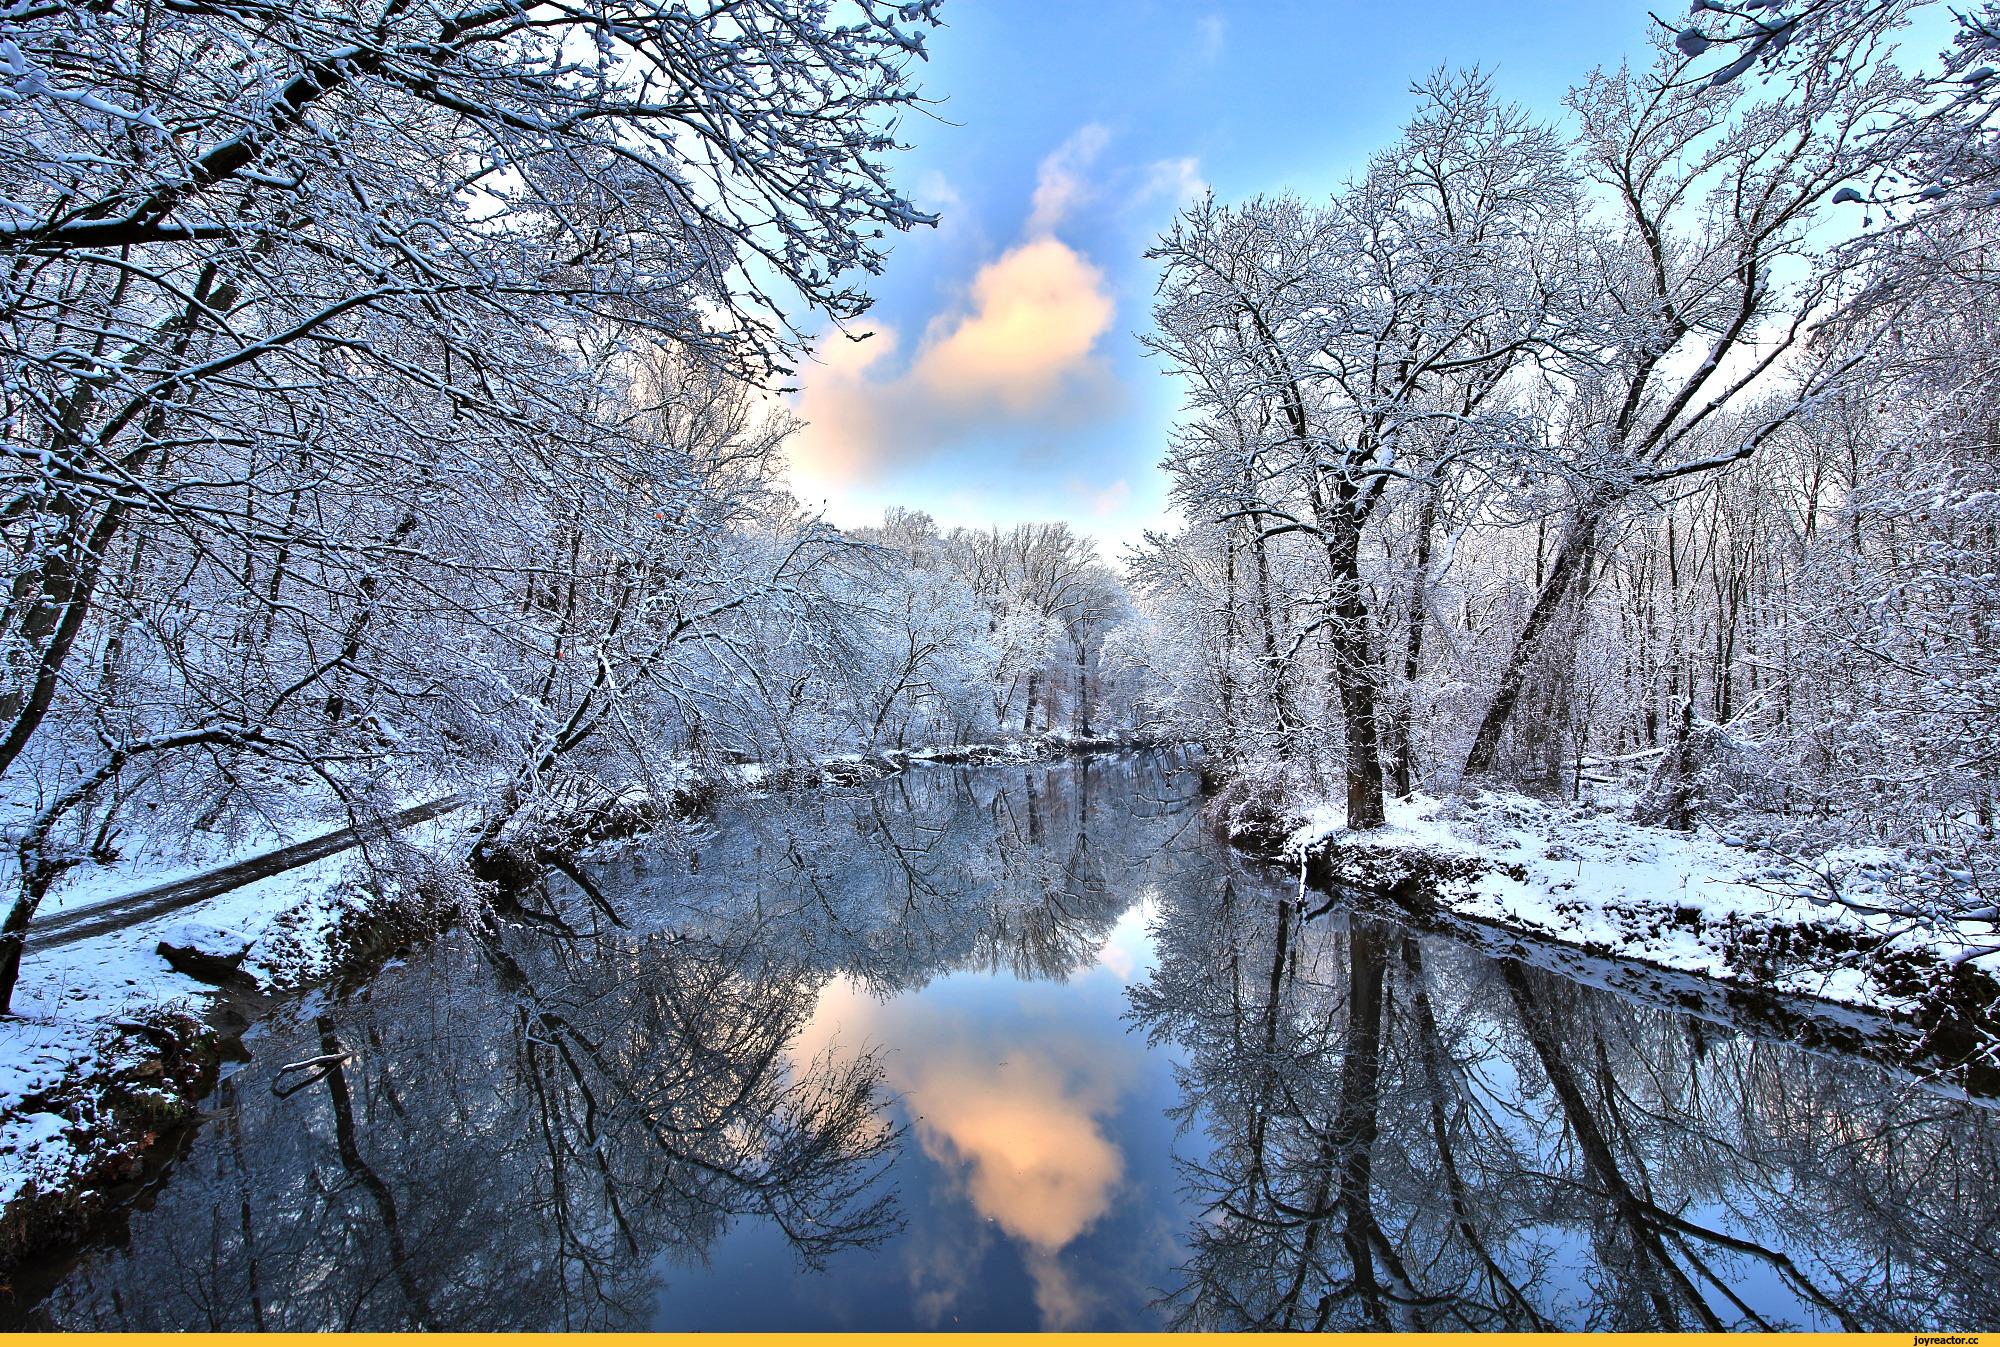 природа река снег зима деревья nature river snow winter trees бесплатно